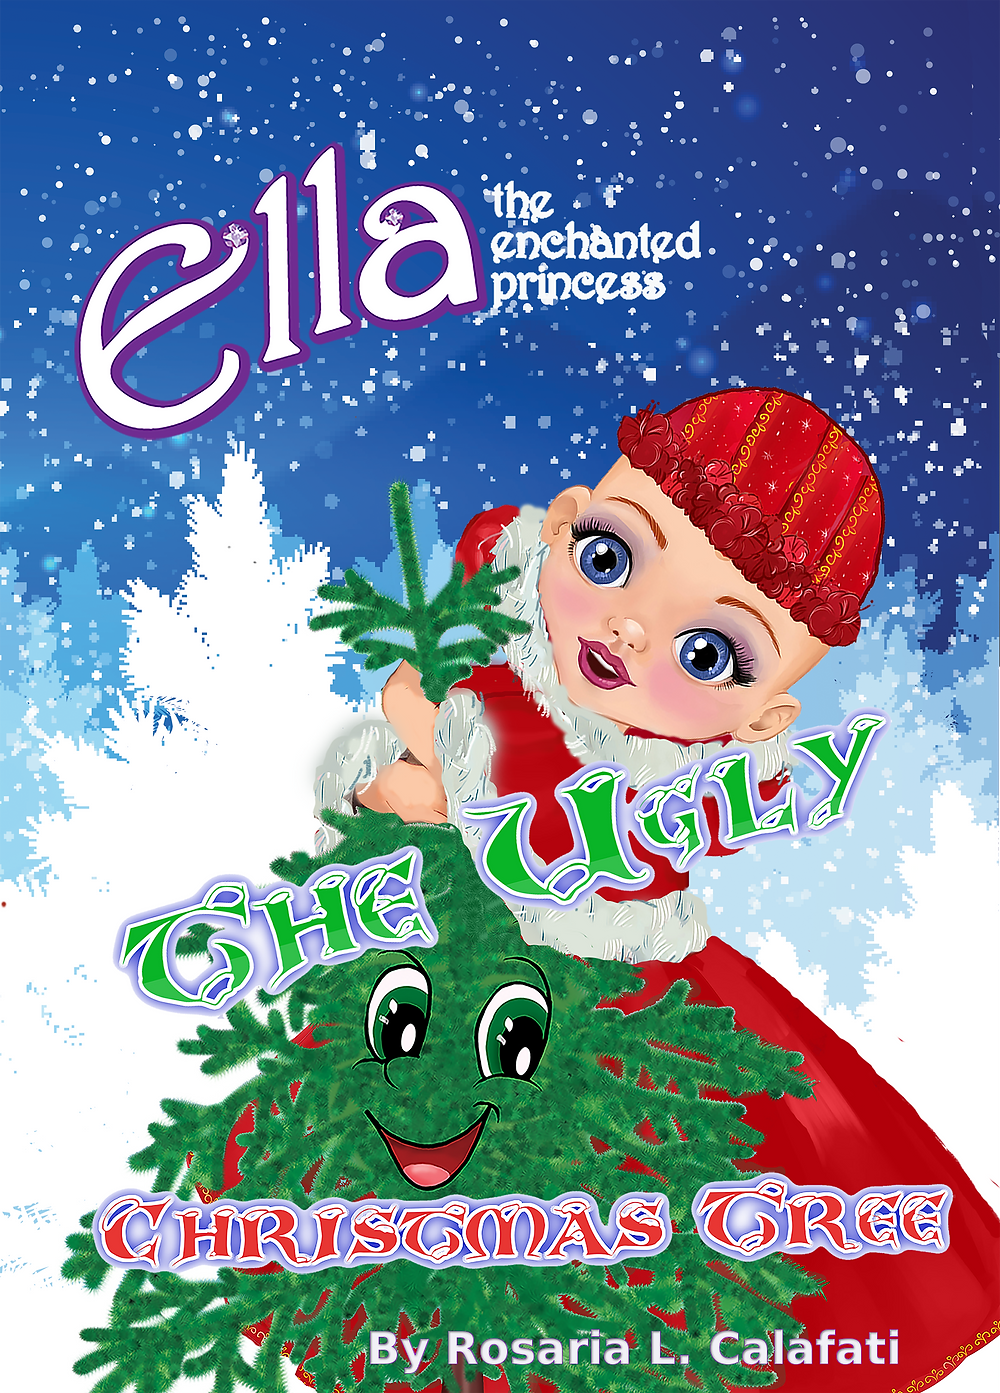 The Ugly Christmas Tree